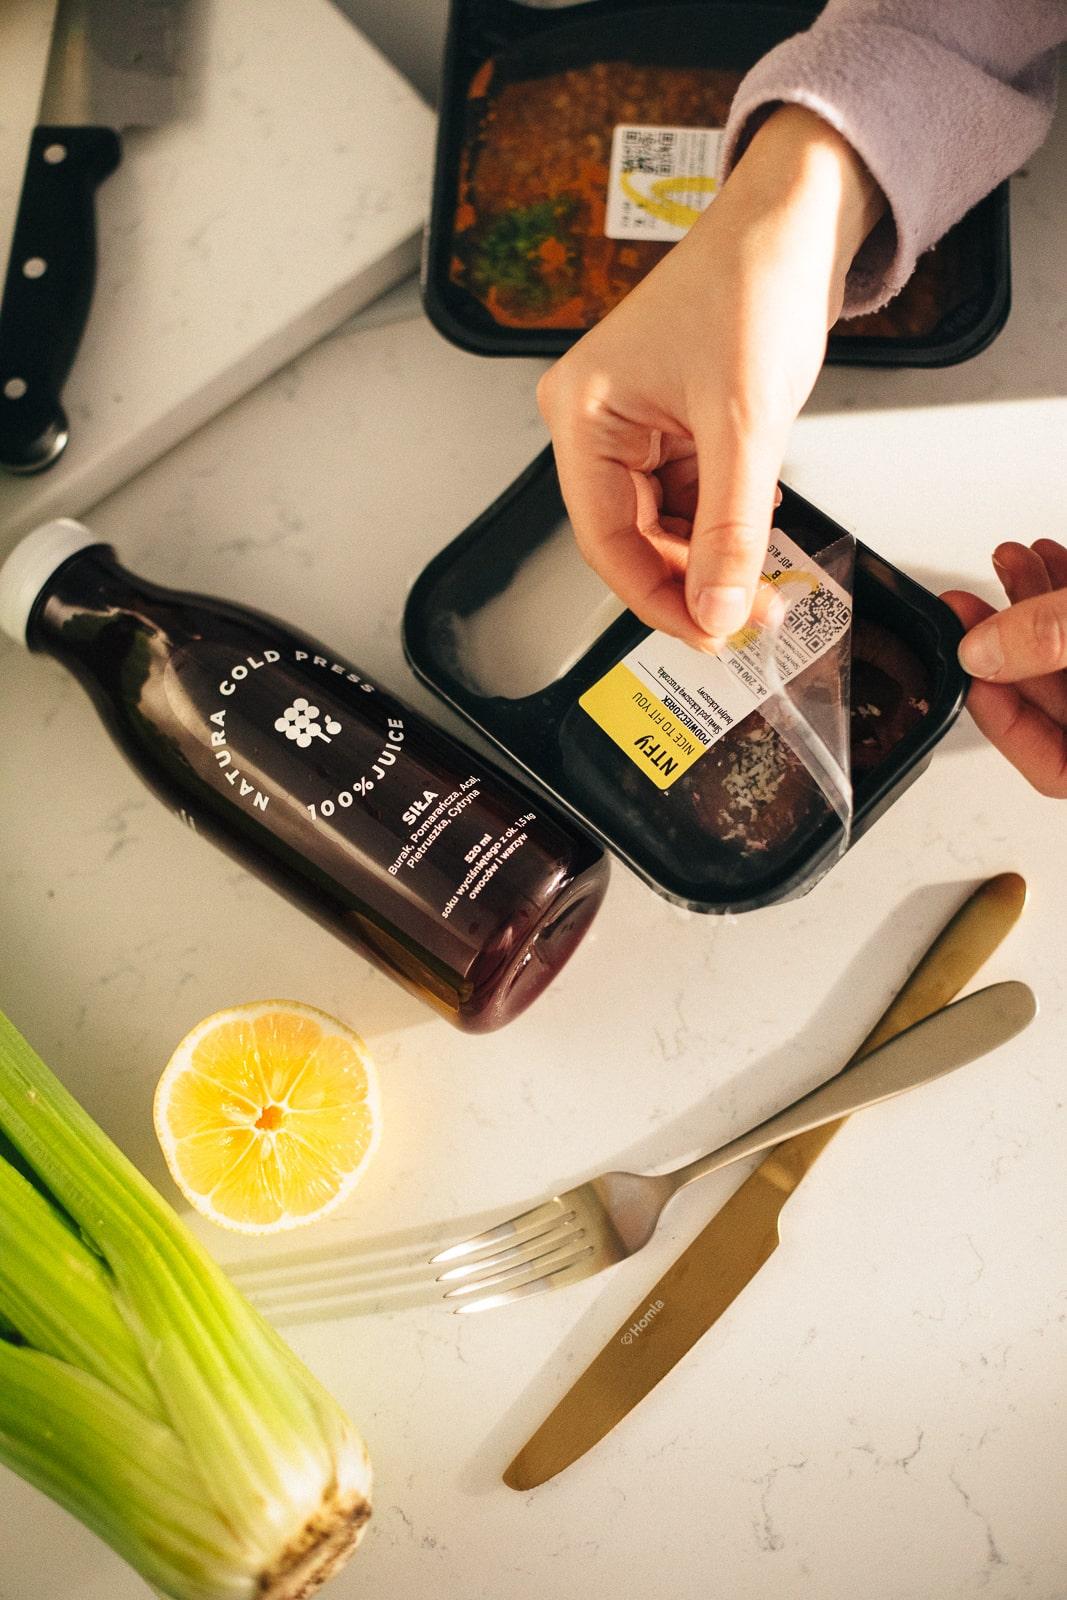 zdrowe soki owoce oraz warzywa pelne witamin z cateringiem nice to fit you